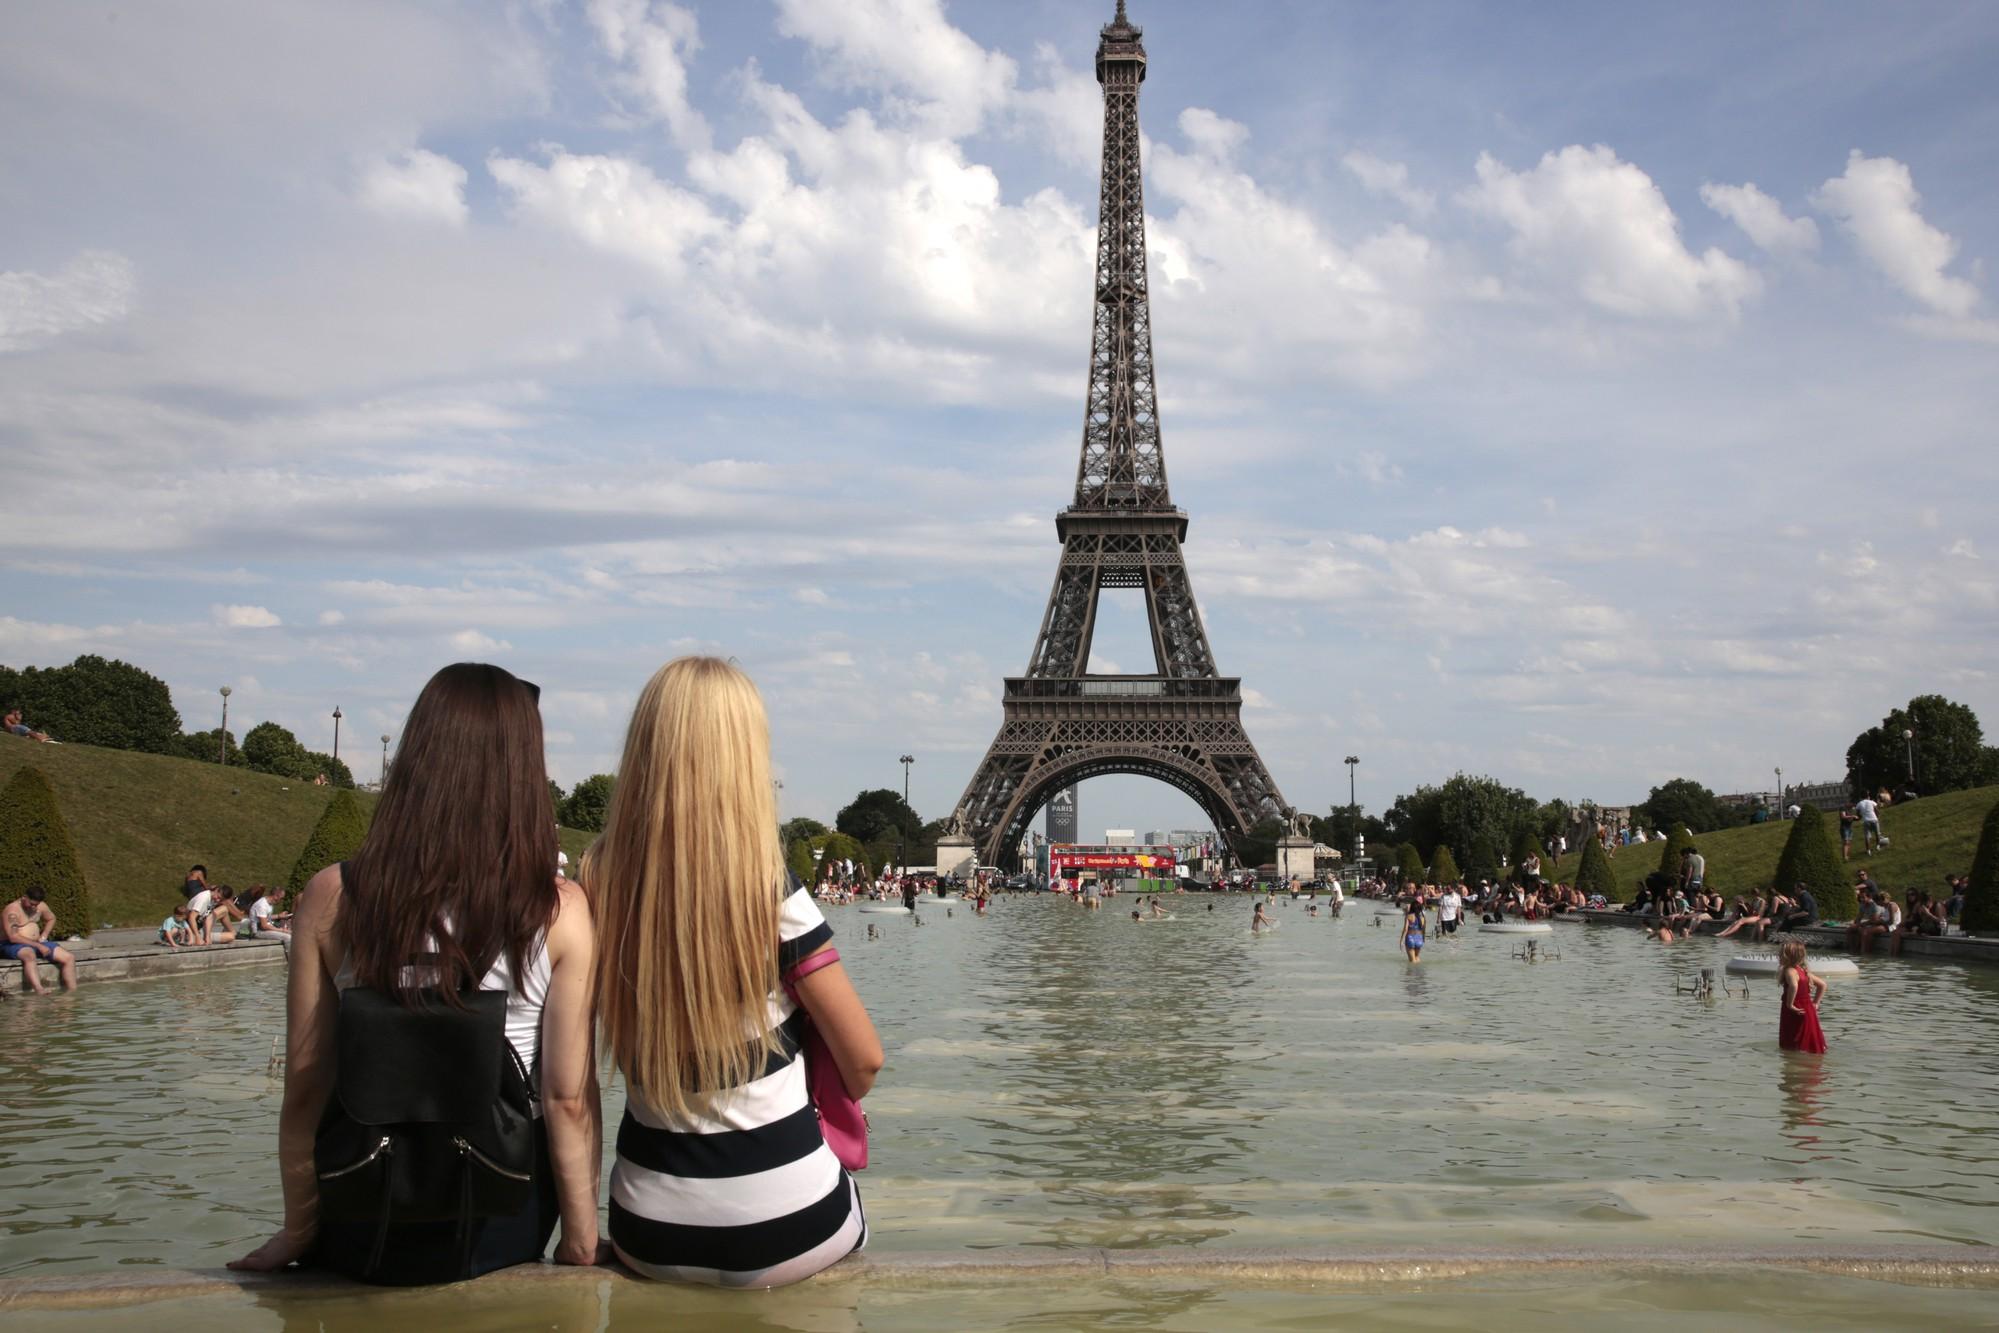 12 địa điểm chụp ảnh nghìn like của du học sinh ở Châu Âu khiến ai cũng ghen tỵ - Ảnh 8.